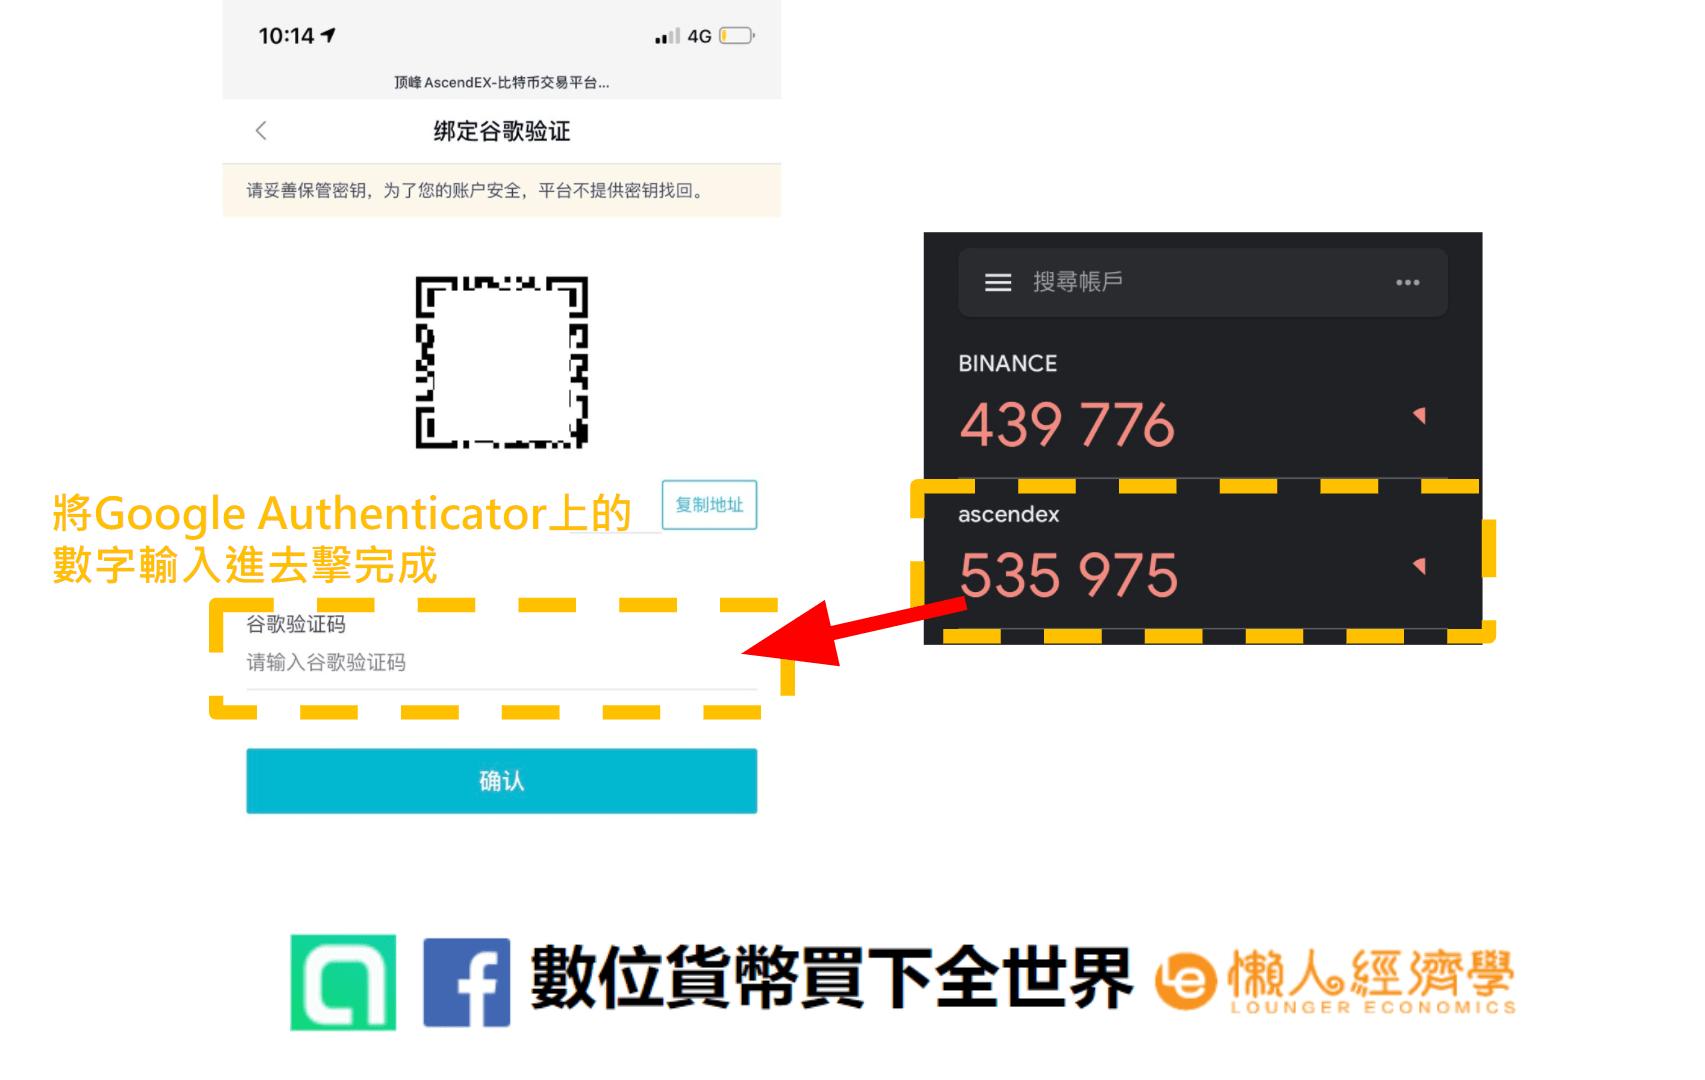 將Google Authenticator上得到的數字輸入進AscendEX的谷歌驗證碼欄位中即完成驗證